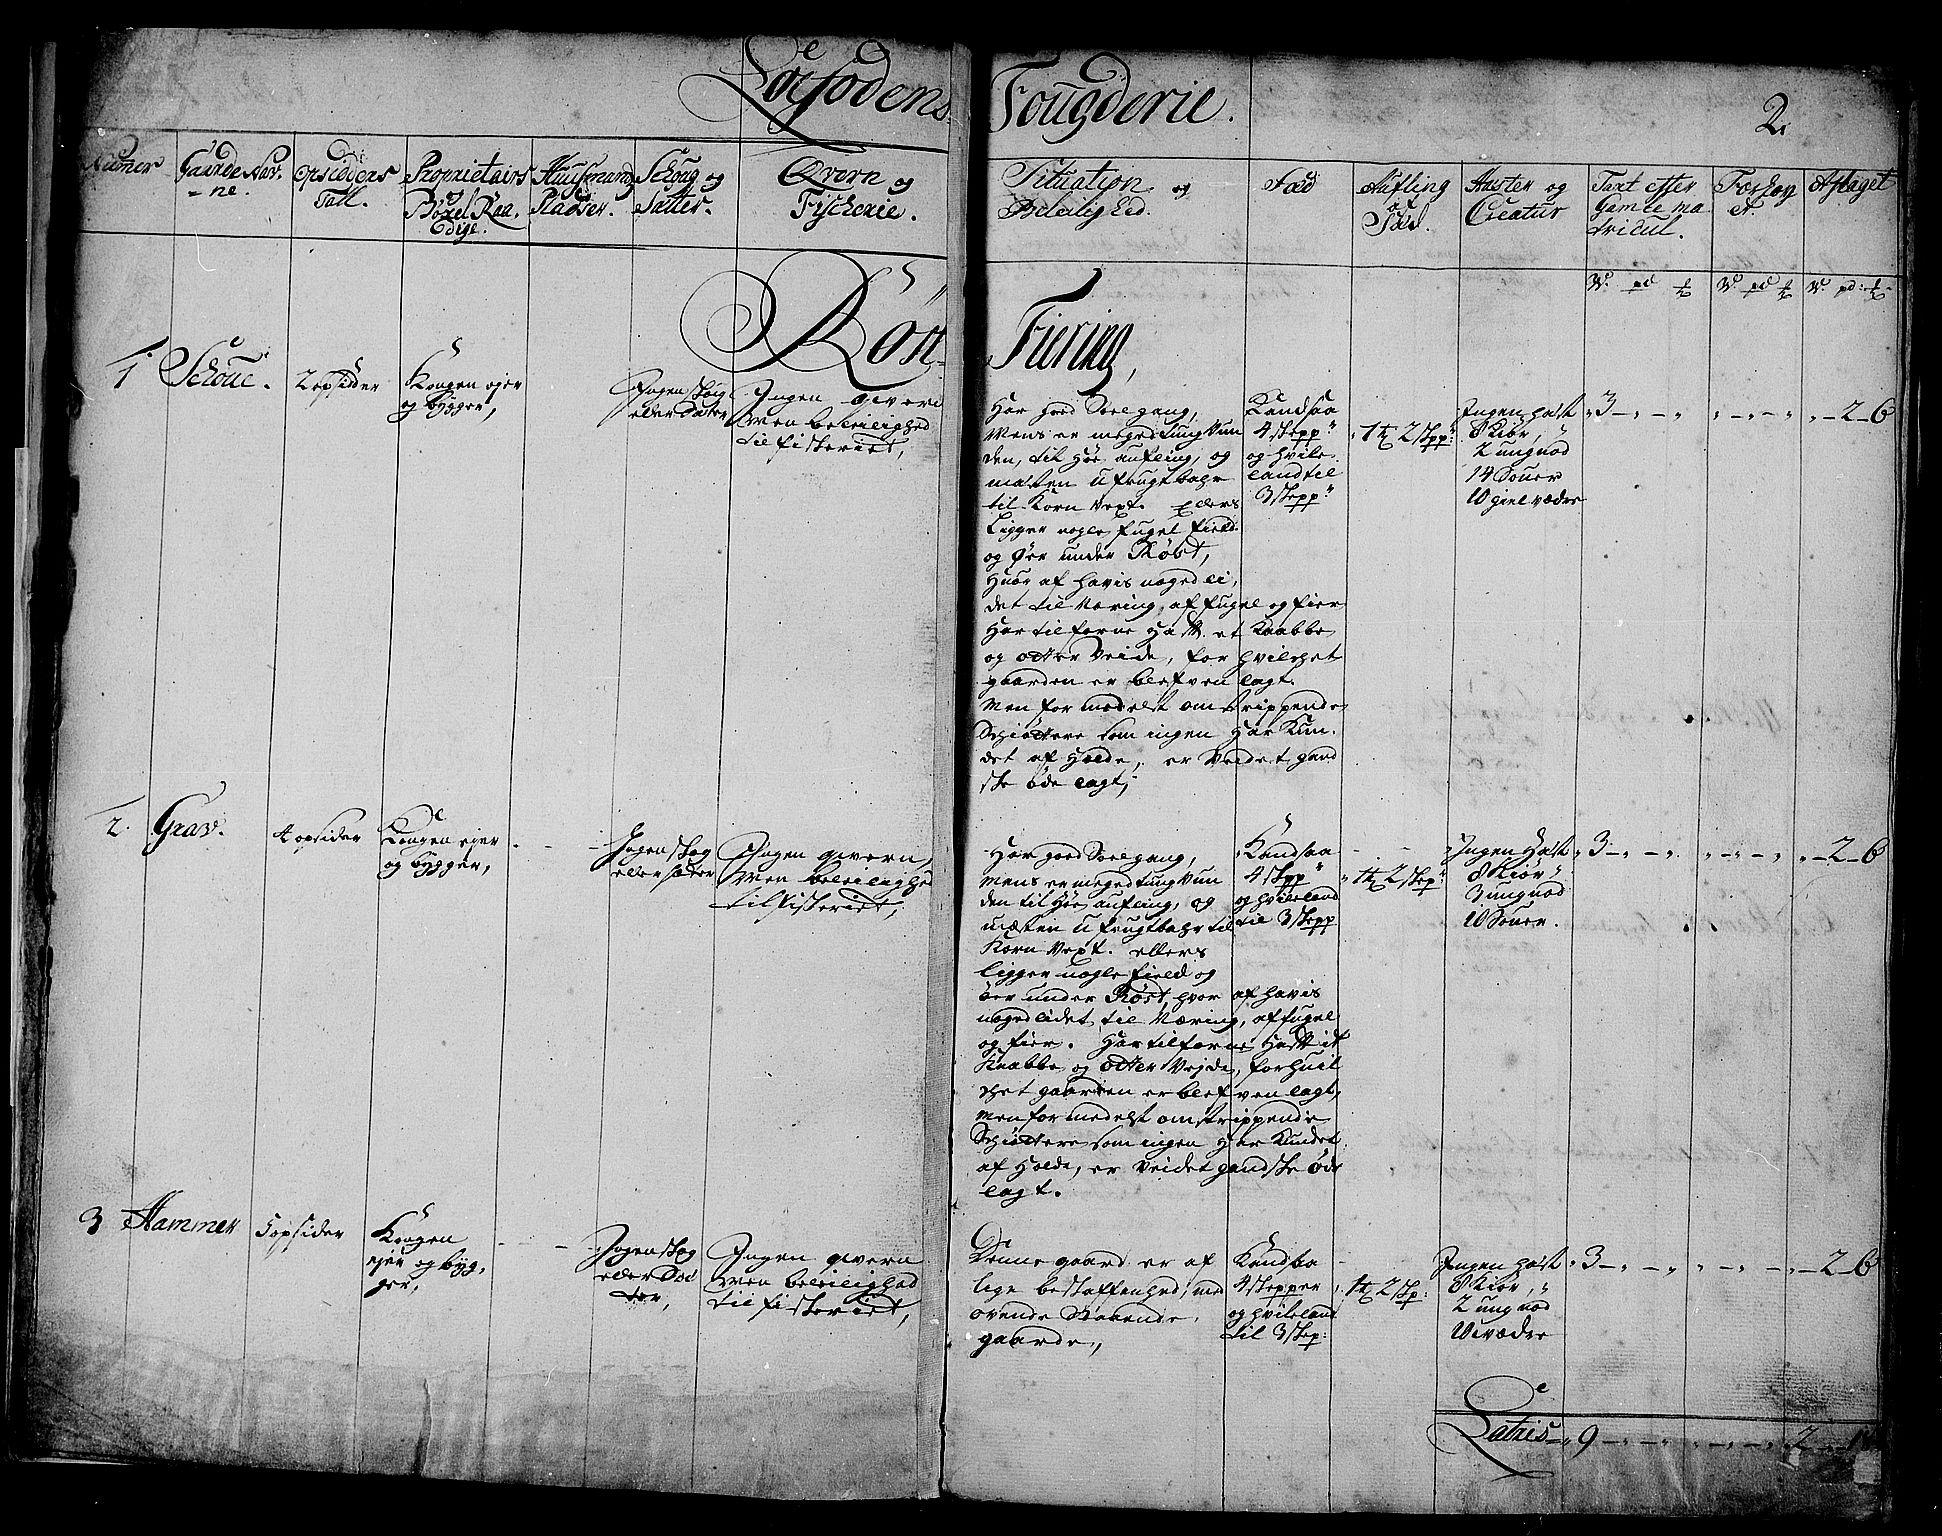 RA, Rentekammeret inntil 1814, Realistisk ordnet avdeling, N/Nb/Nbf/L0174: Lofoten eksaminasjonsprotokoll, 1723, s. 1b-2a